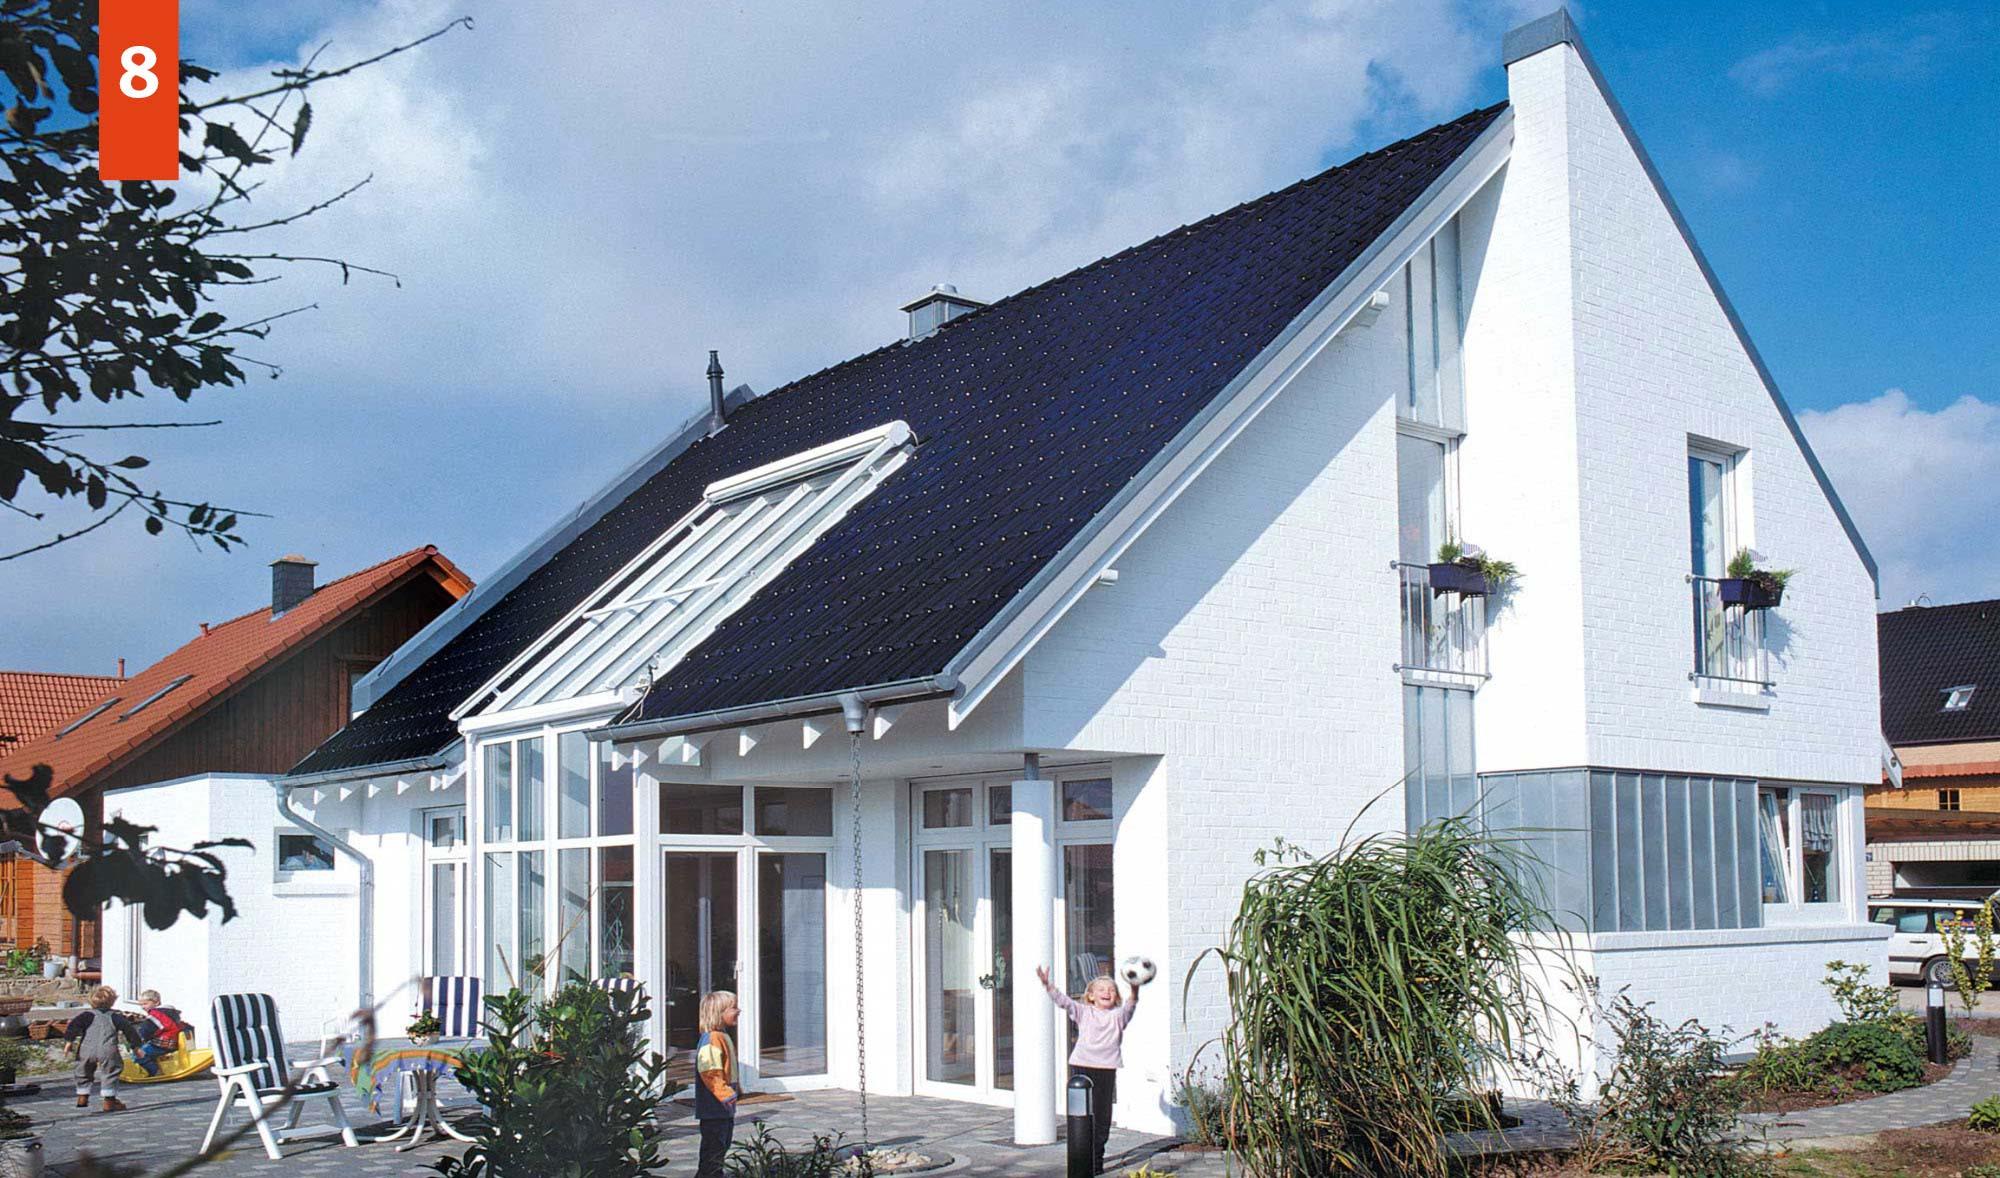 ARCHITEKTURRAUM - unser Einfamilienhaus mit architektonischen Variationen